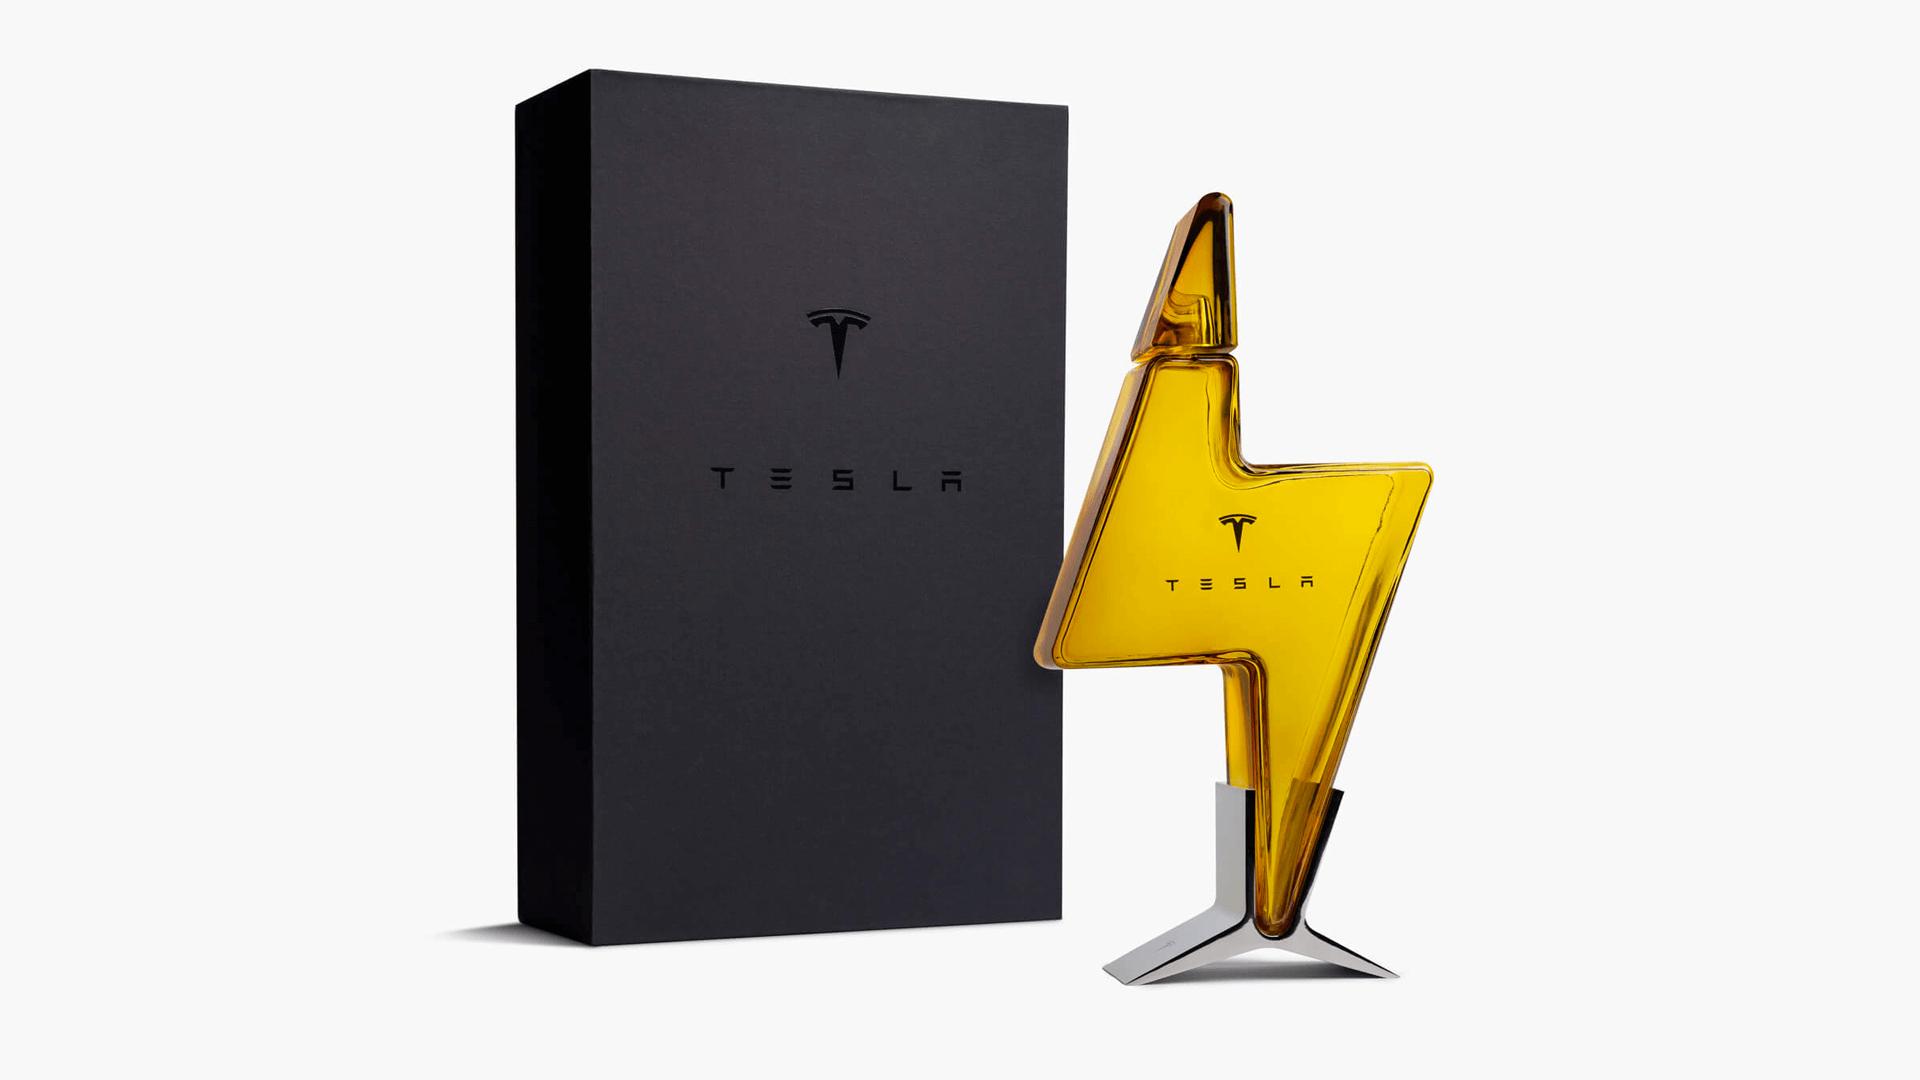 限量 Tesla 閃電玻璃酒瓶 台灣開賣 20 分鐘搶購一空